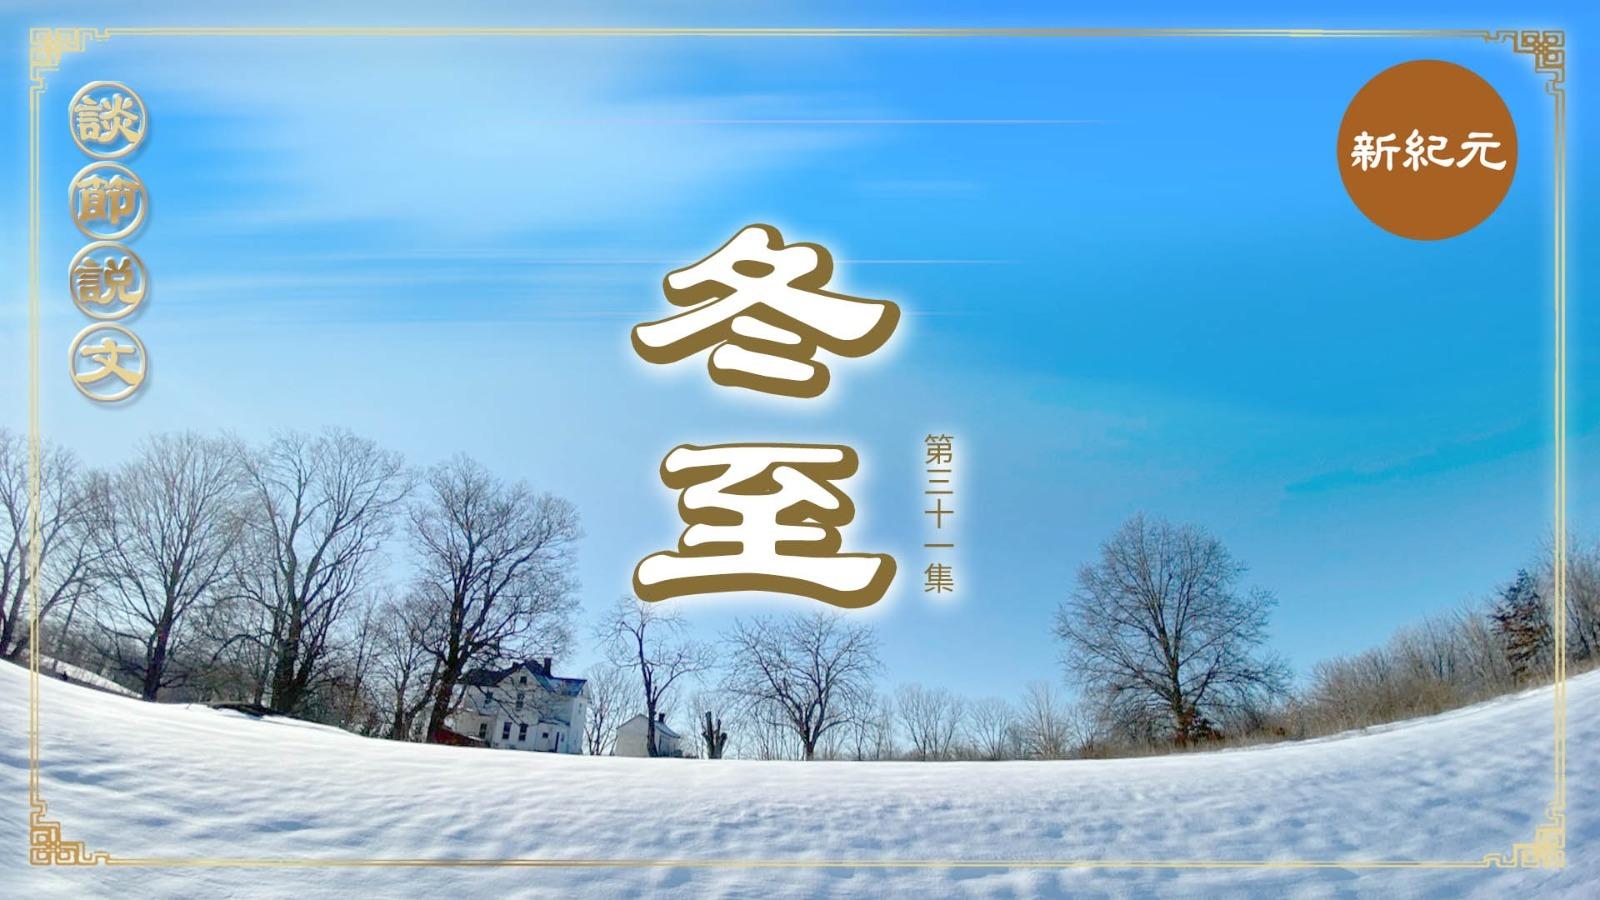 《談節說文》 冬至節氣  正義陽升 (第三十一集)|#新紀元